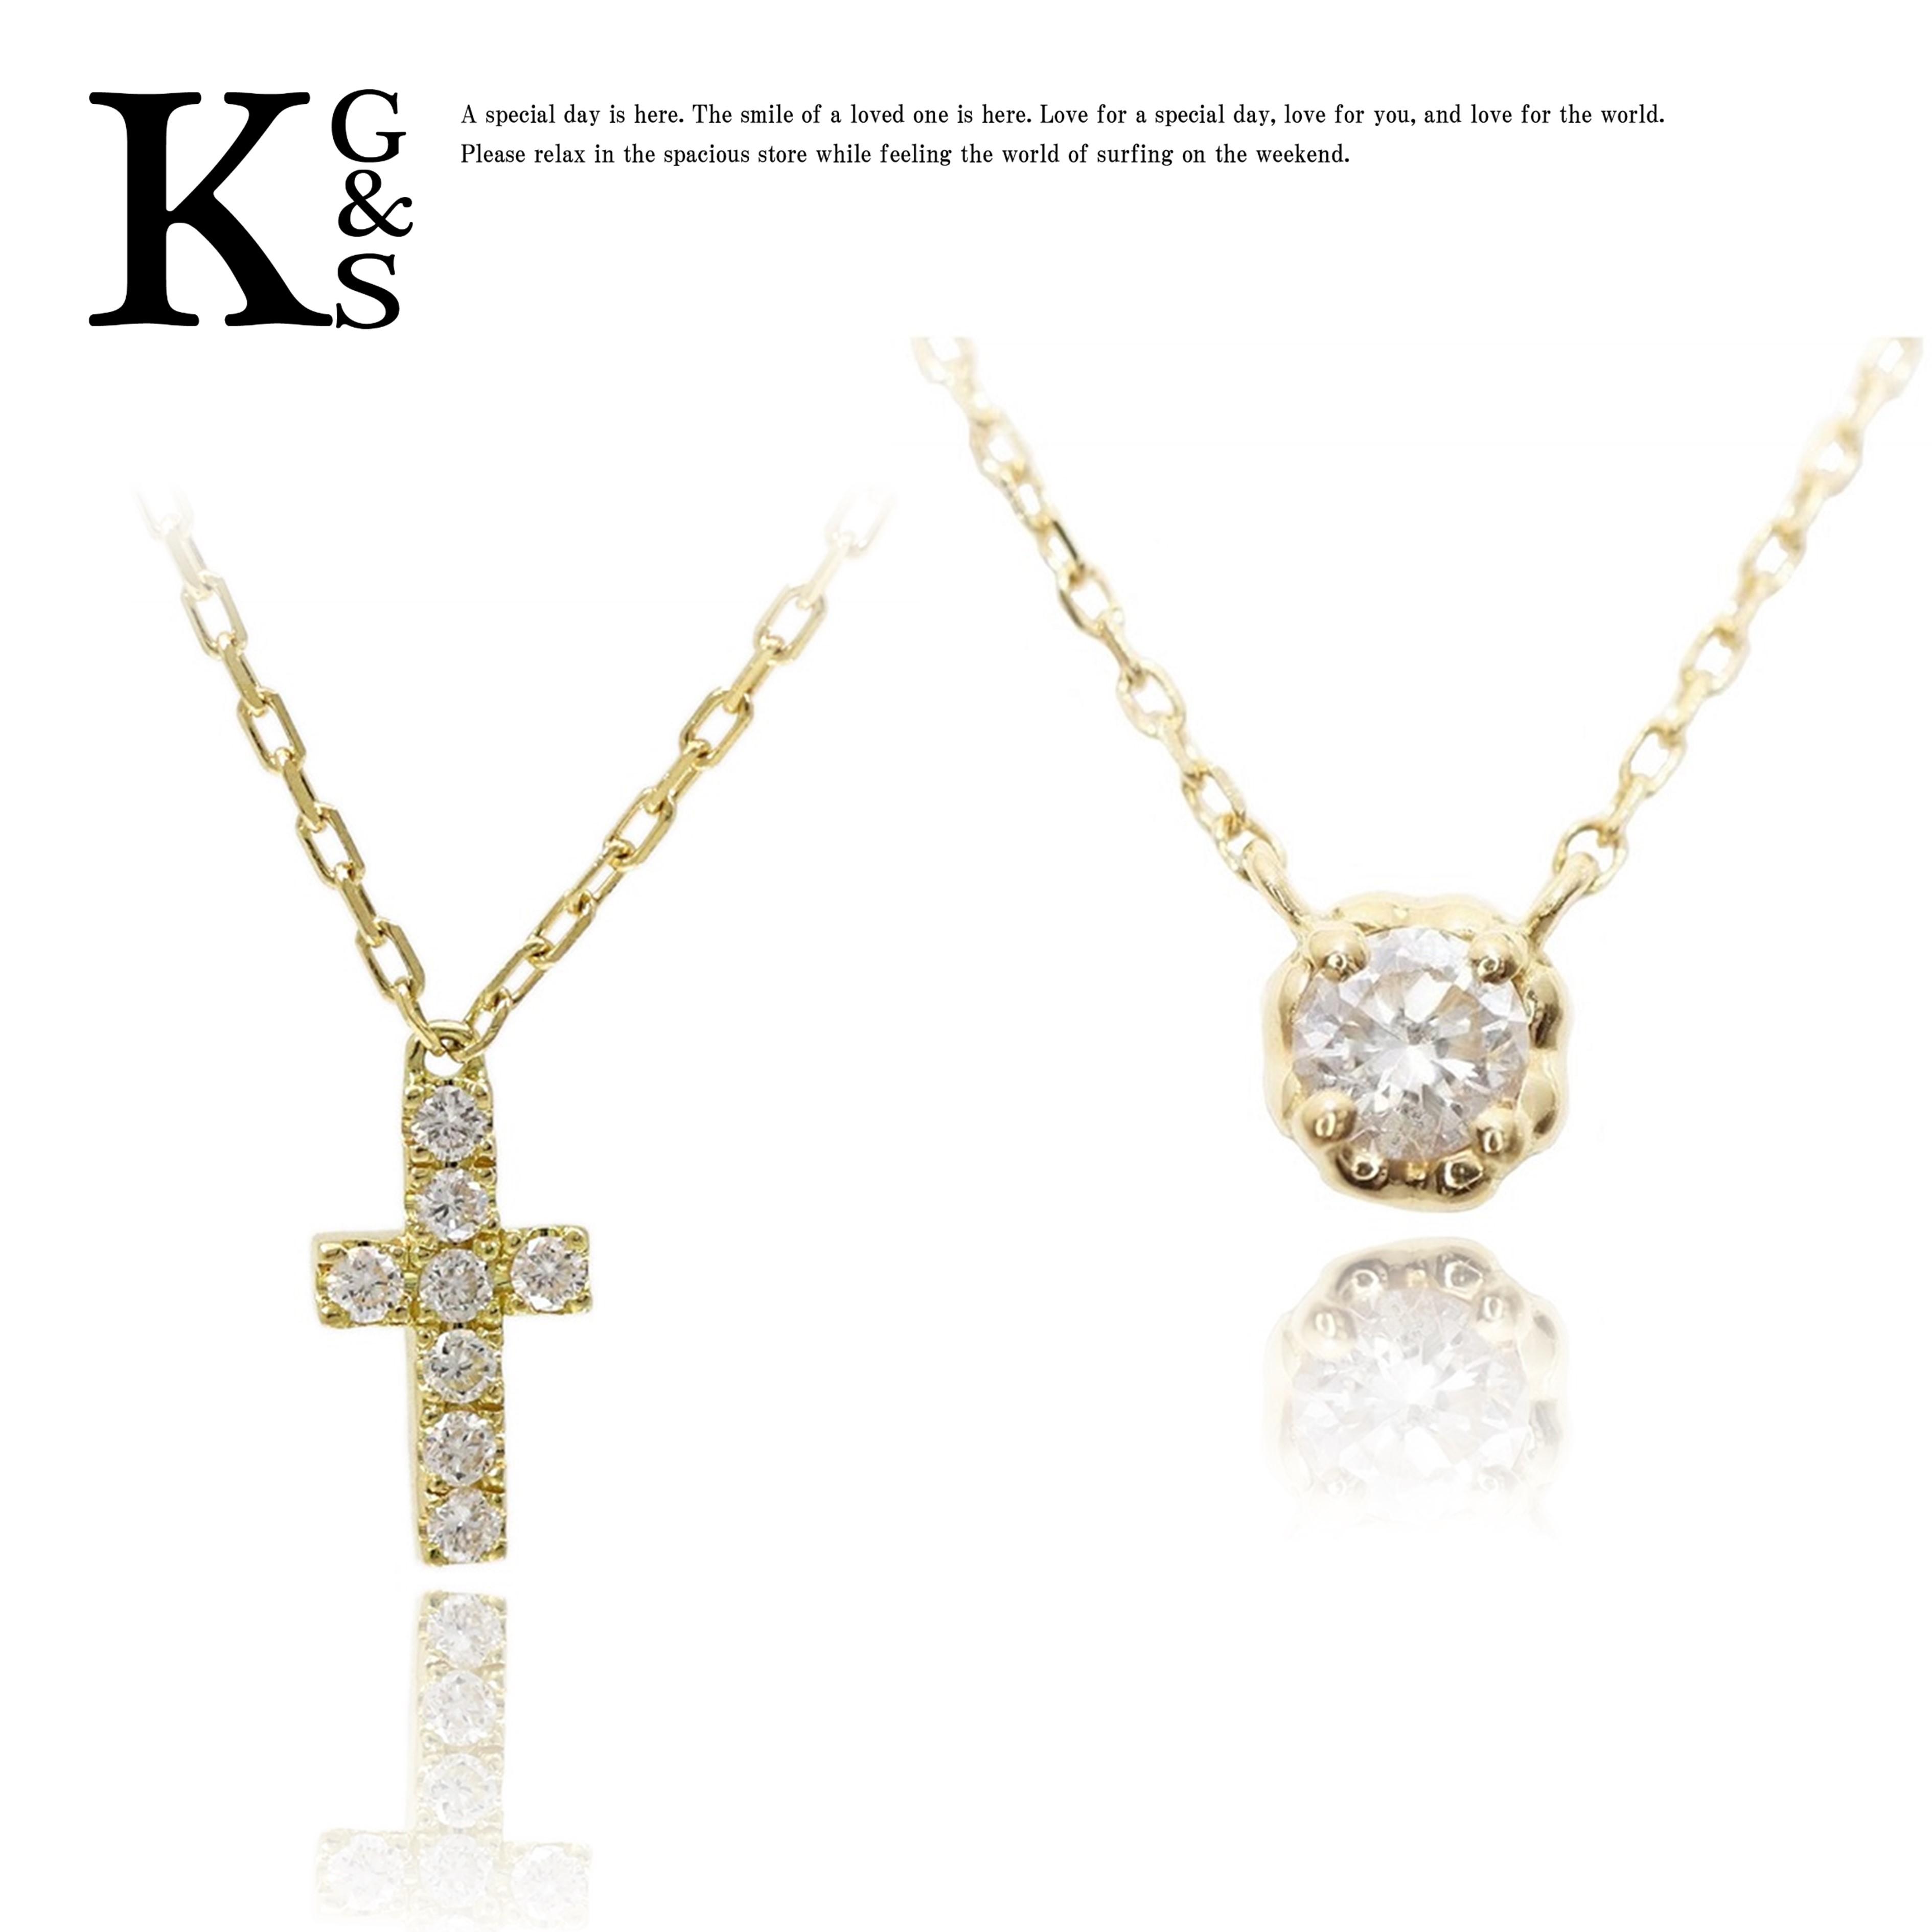 【ギフトランク】【セット販売】AHKAH / アーカー レディース クロスパヴェ&ティア ネックレス K18YG /イエローゴールド ダイヤモンド 重ね付け